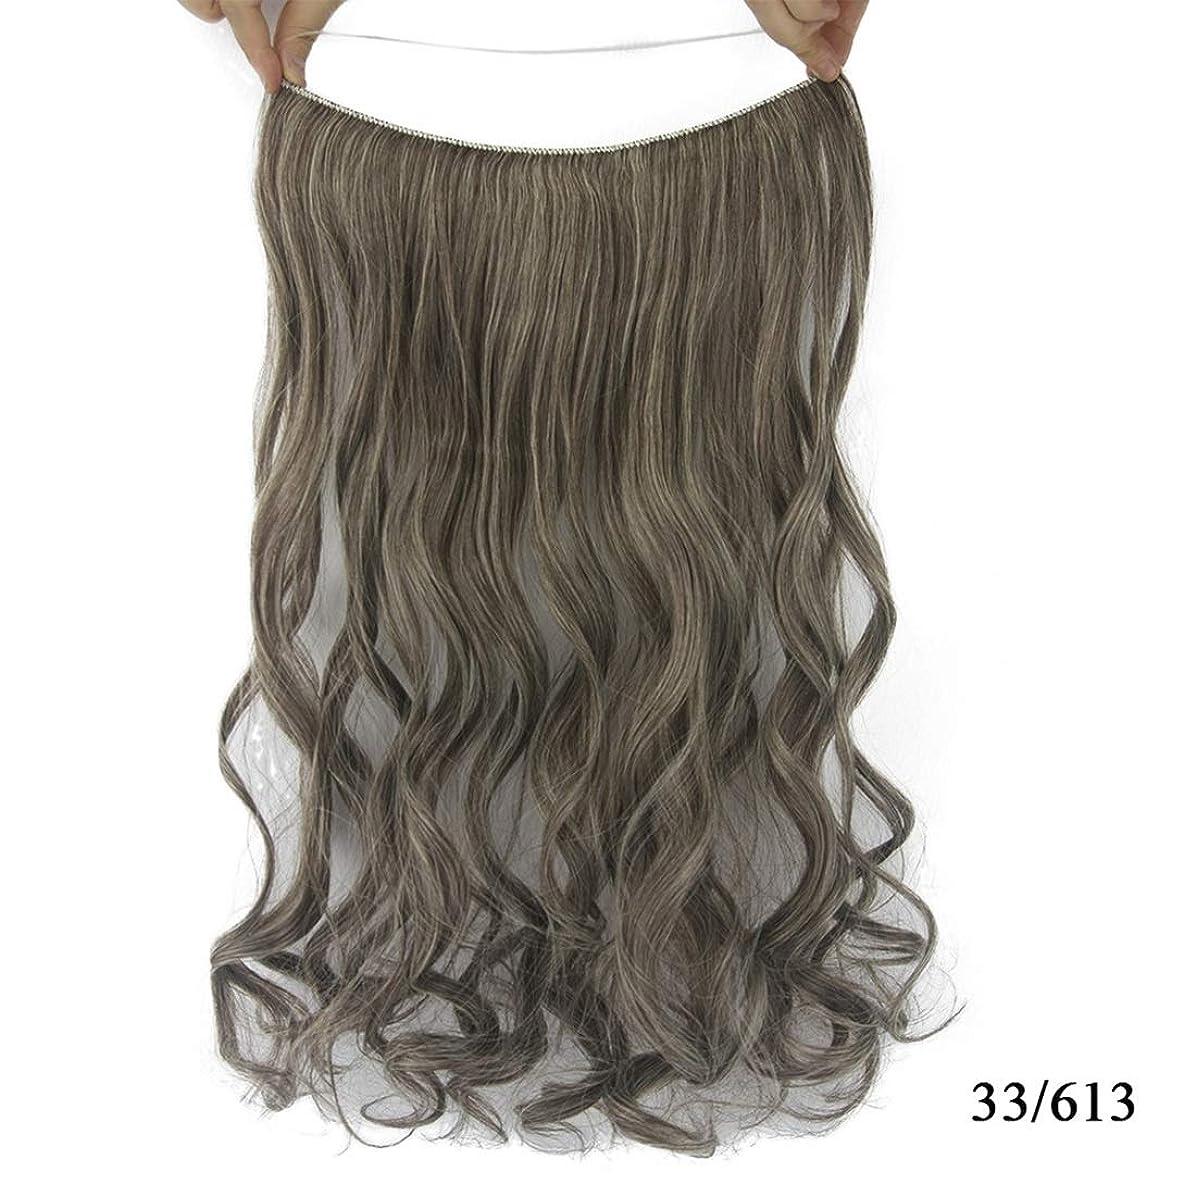 用語集まだら資産Koloeplf ヘアエクステンションピースケミカルファイバーひまわりラインヘアカーテンウィッグピースロングカーリーヘアシームレスヘアエクステンションピースウィッグ (Color : Color 33/613)